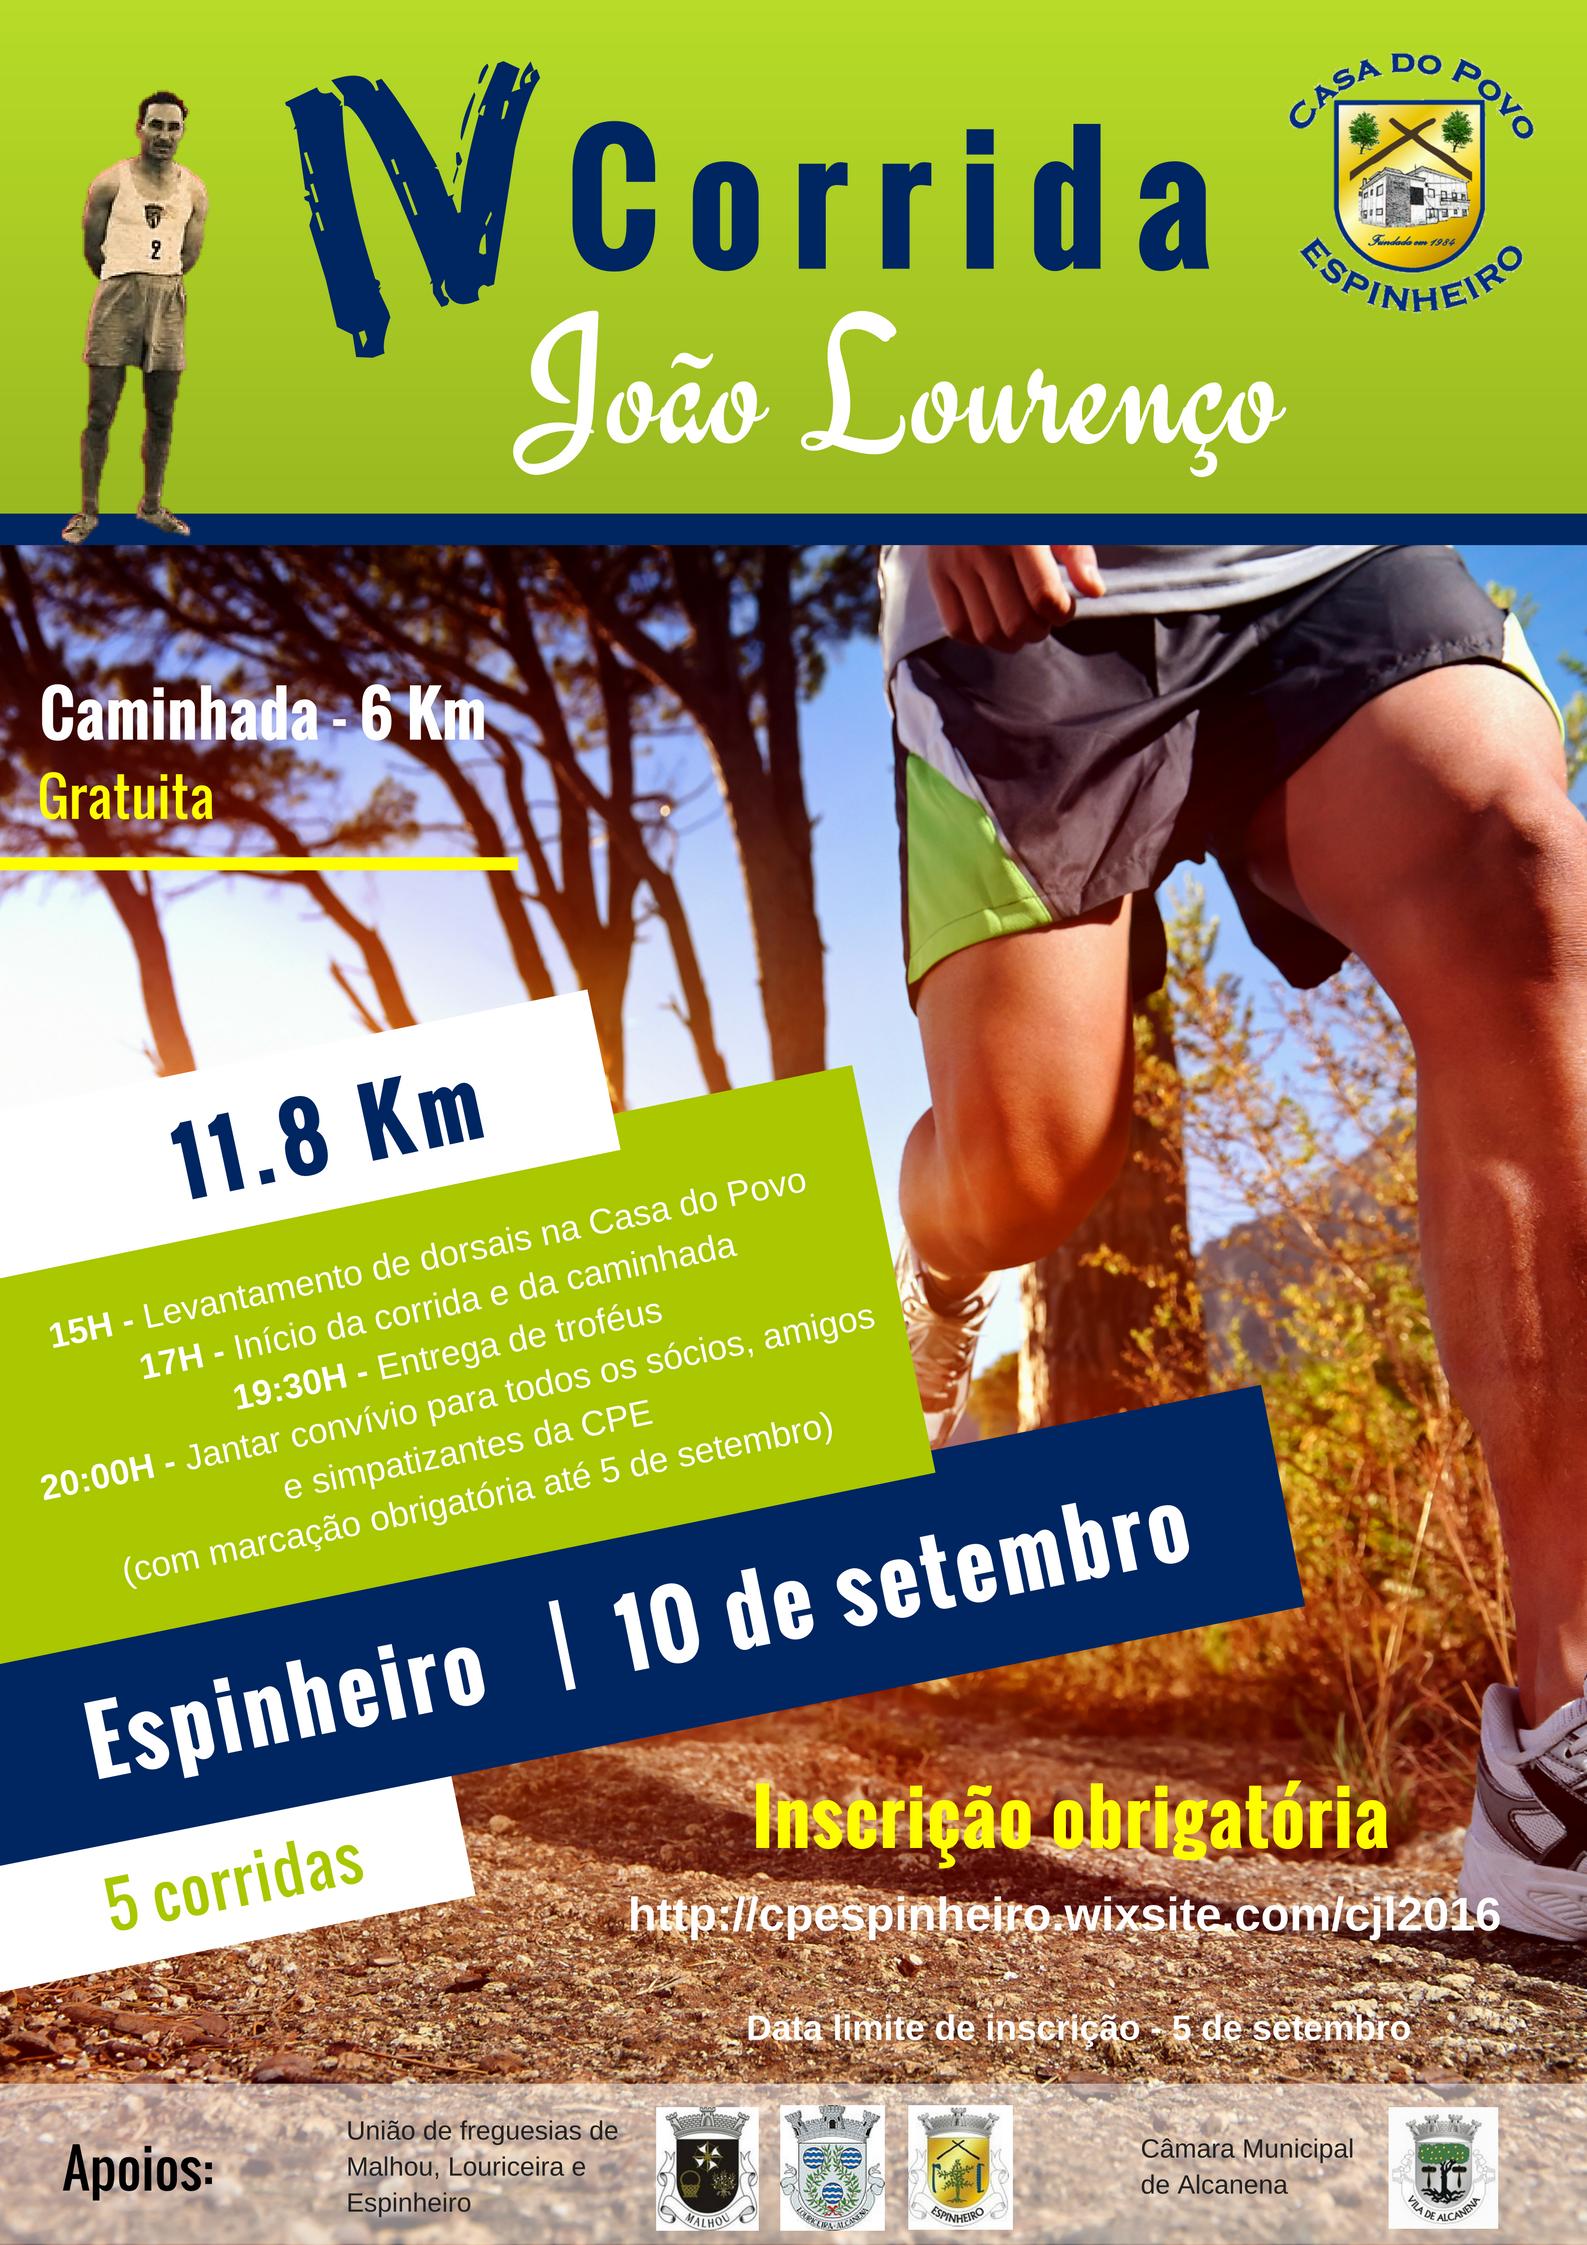 IV Corrida João David Lourenço.png